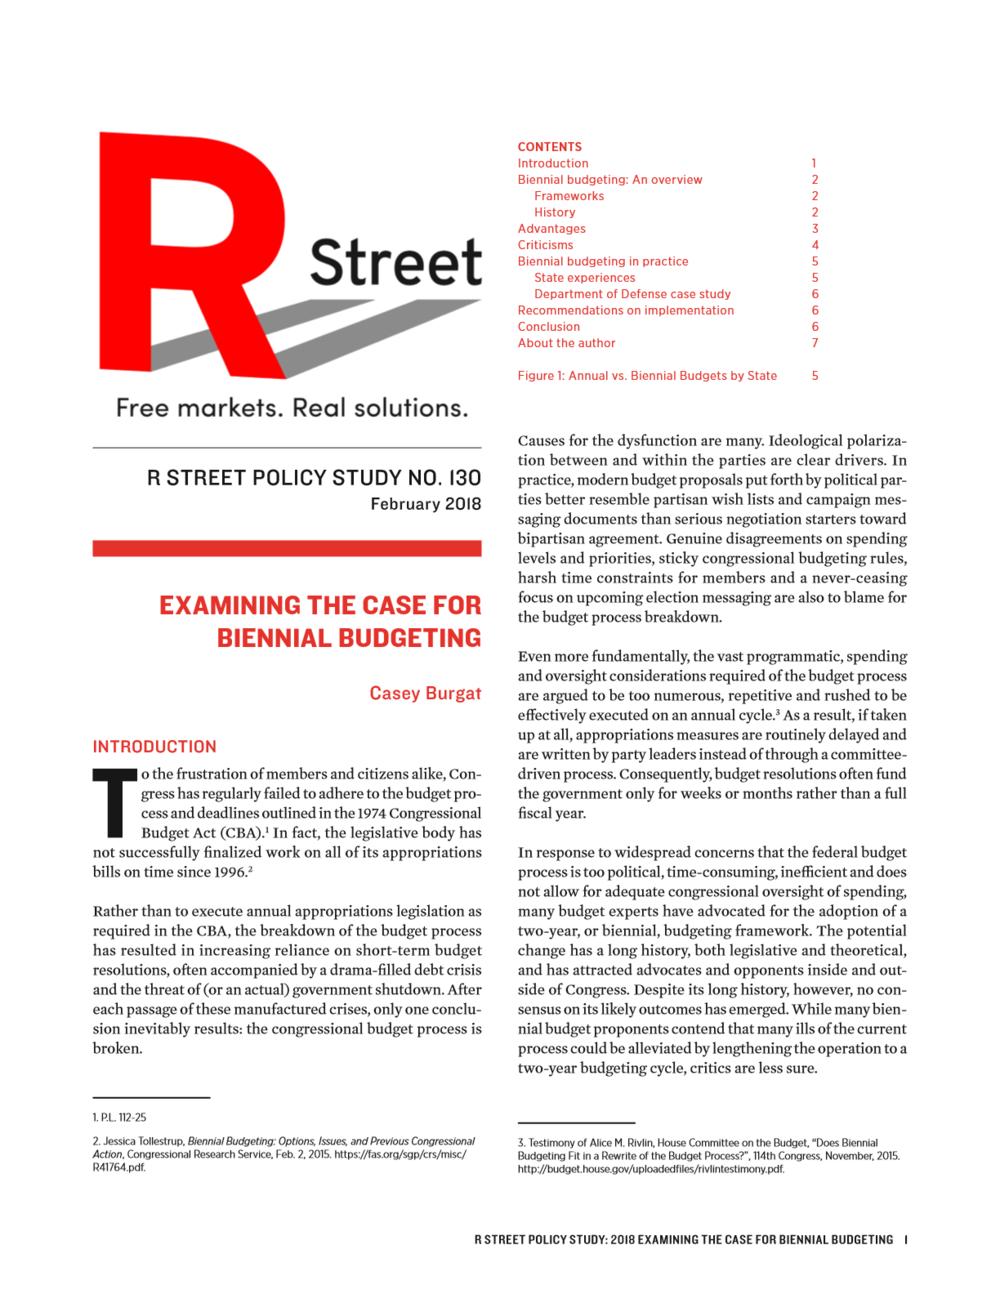 View/download PDF copy here